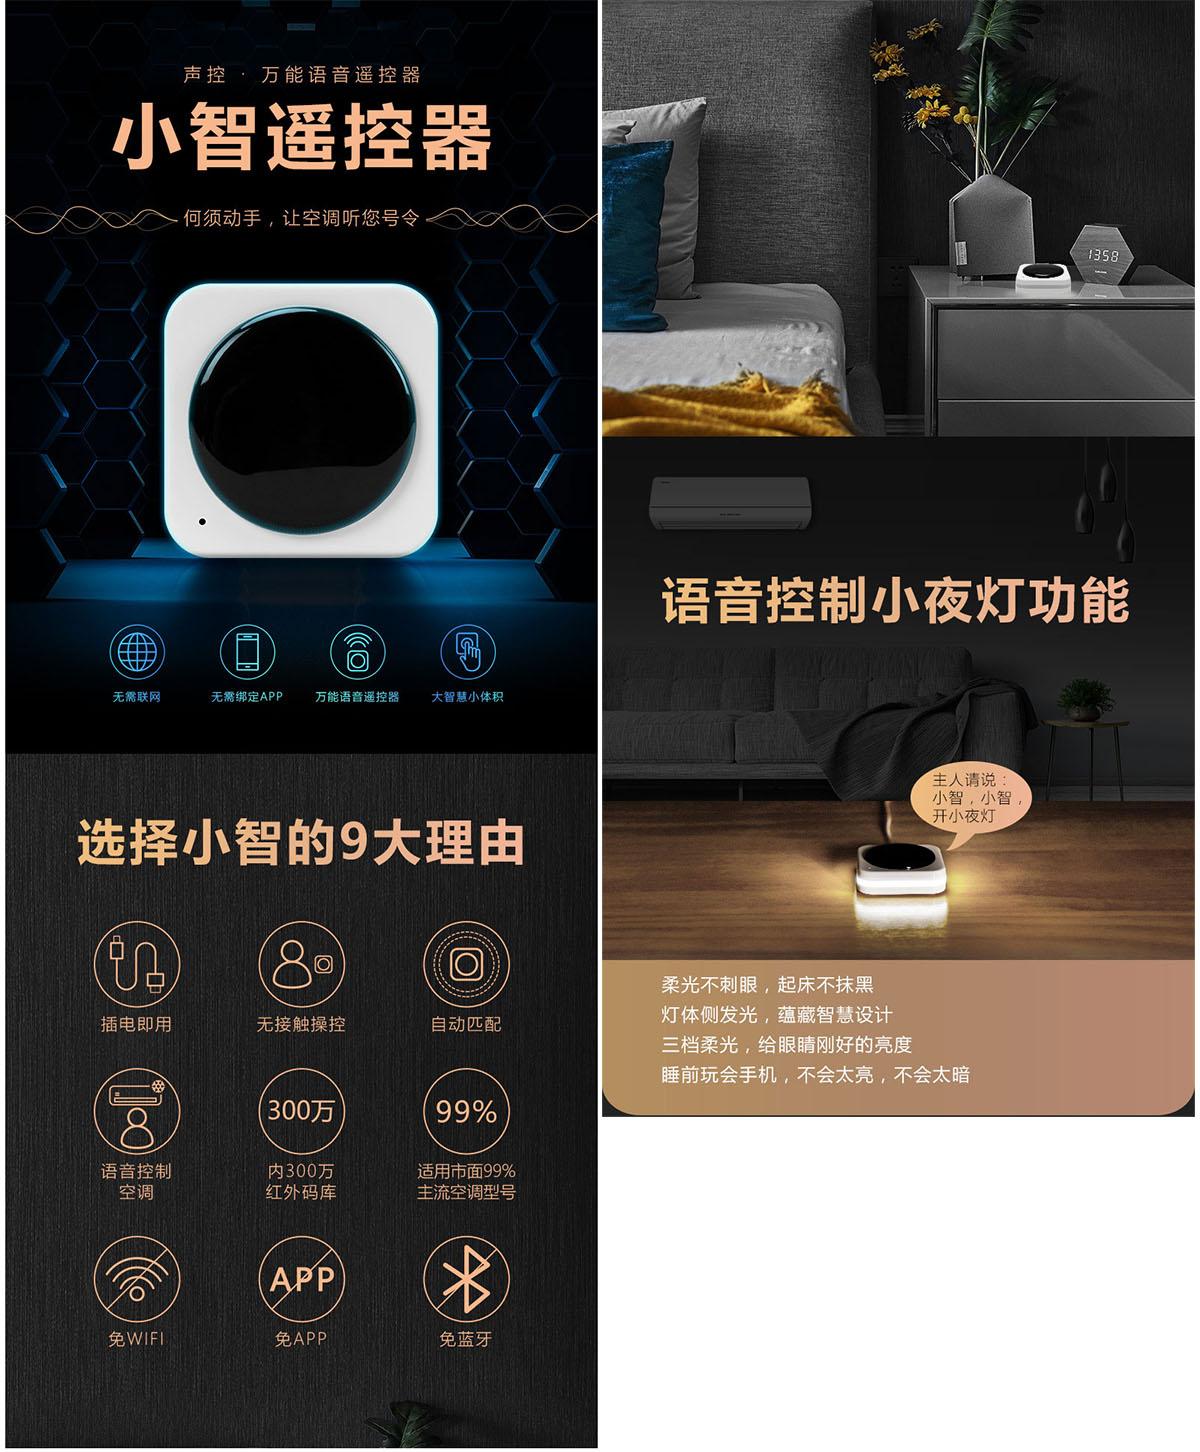 电商设计-淘宝详情页